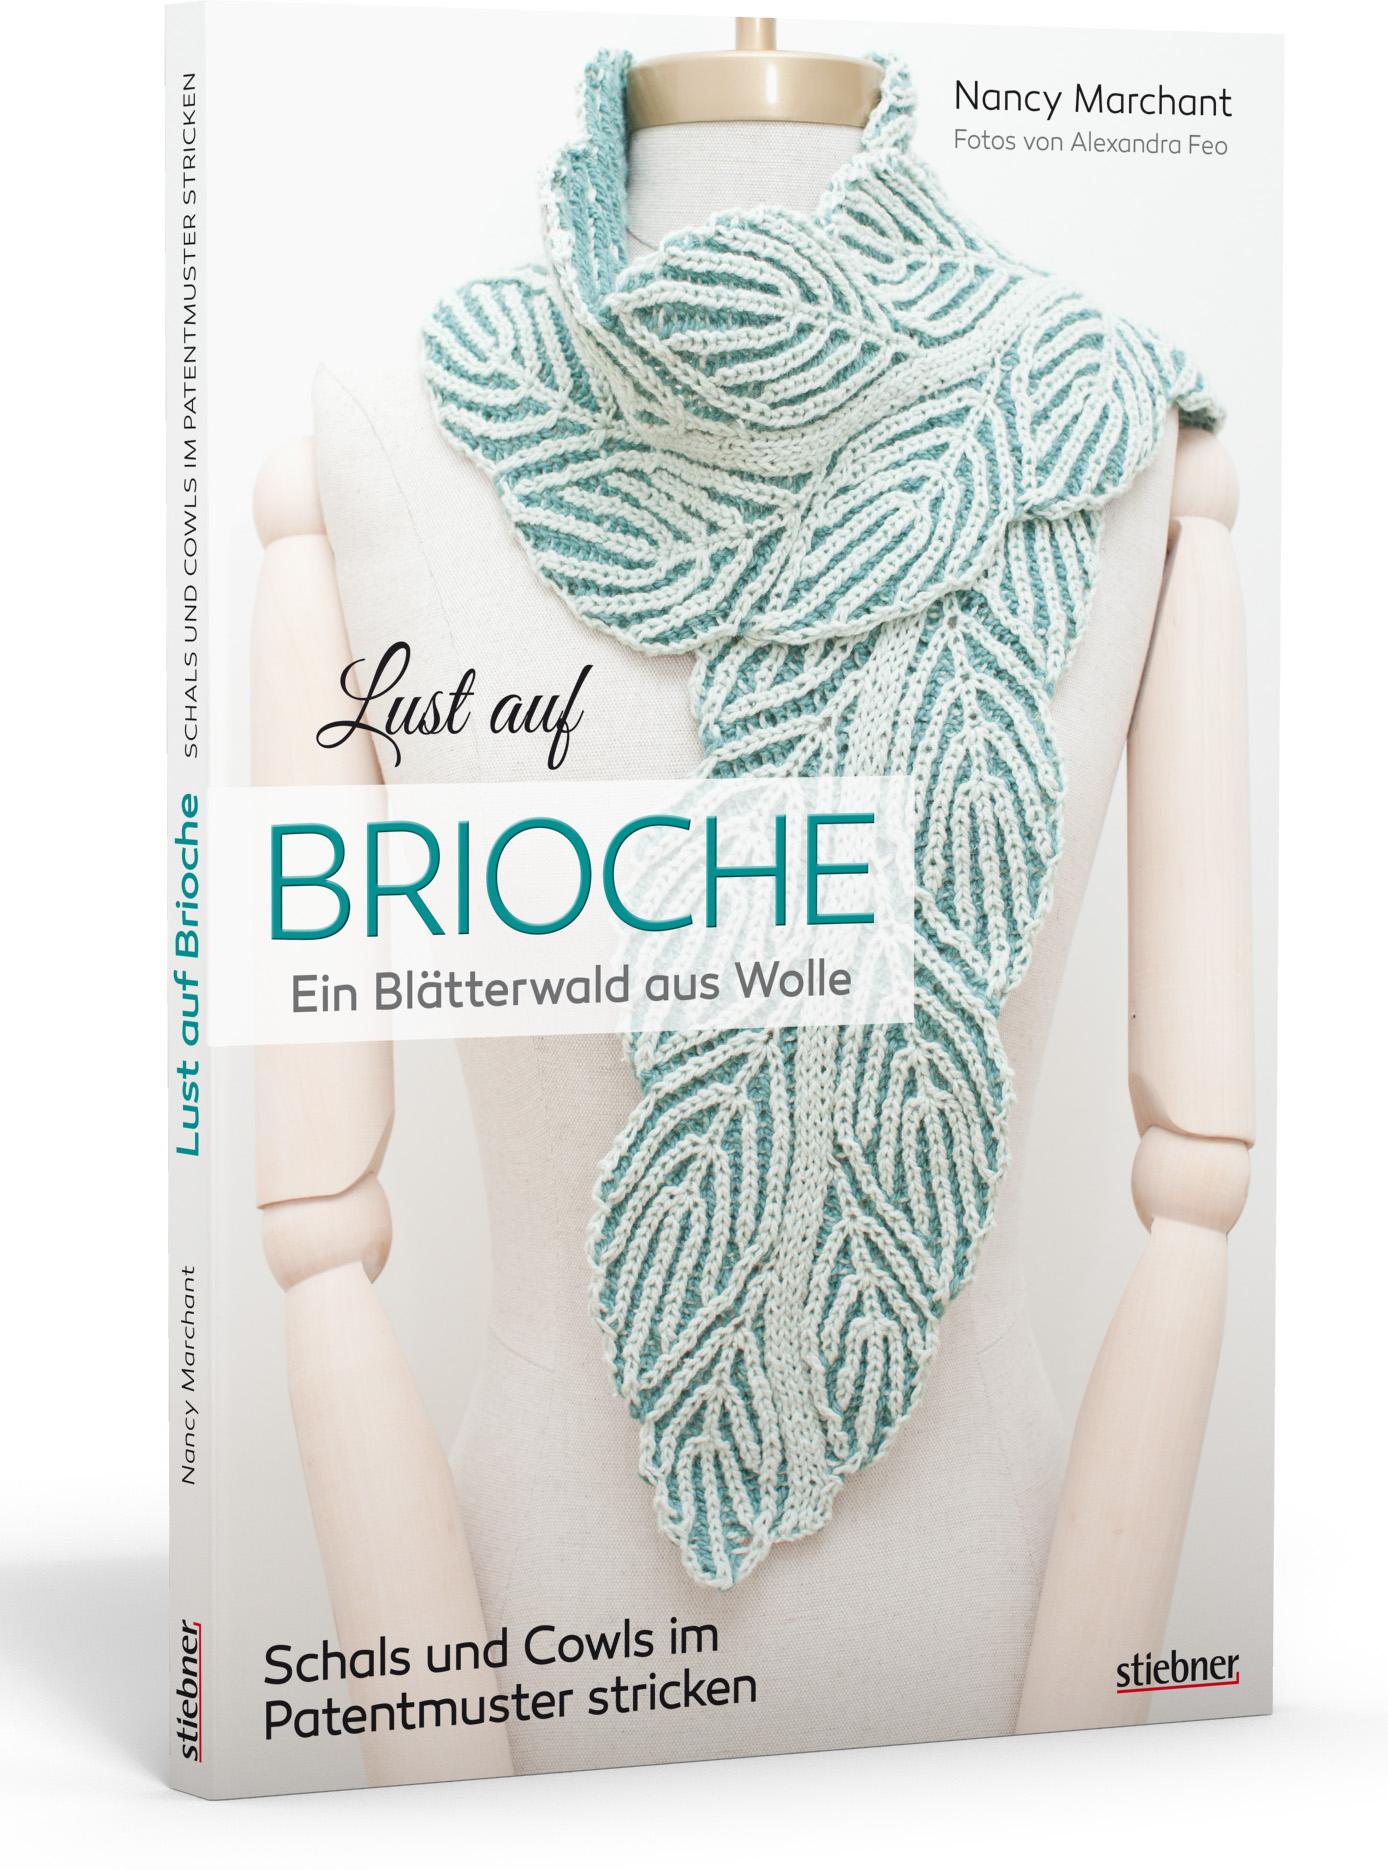 Lust auf Brioche (Nancy Marchant)